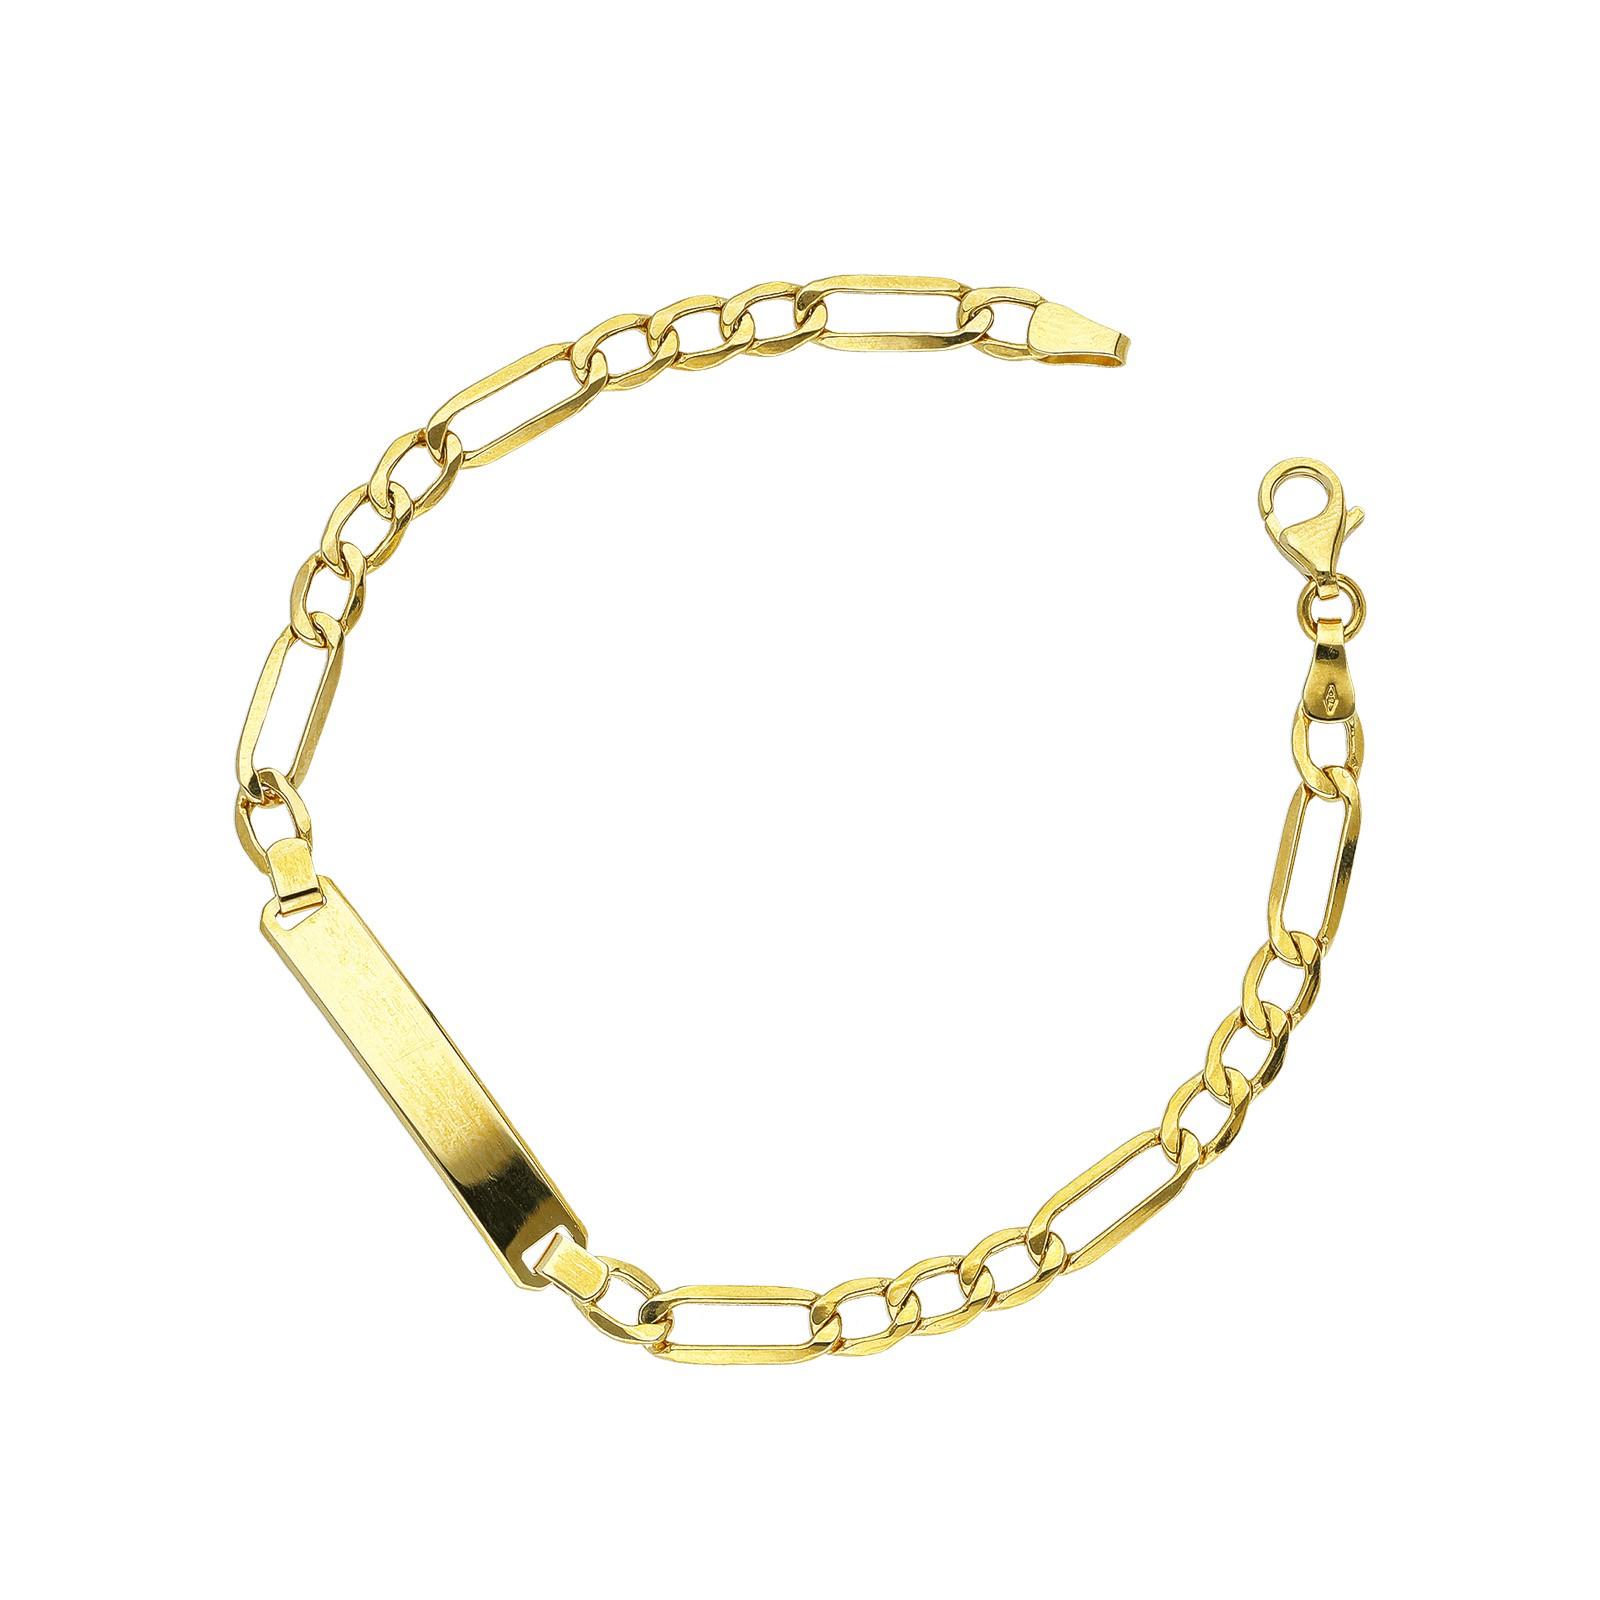 Bracciale in oro giallo 18kt con piastrina incidibile